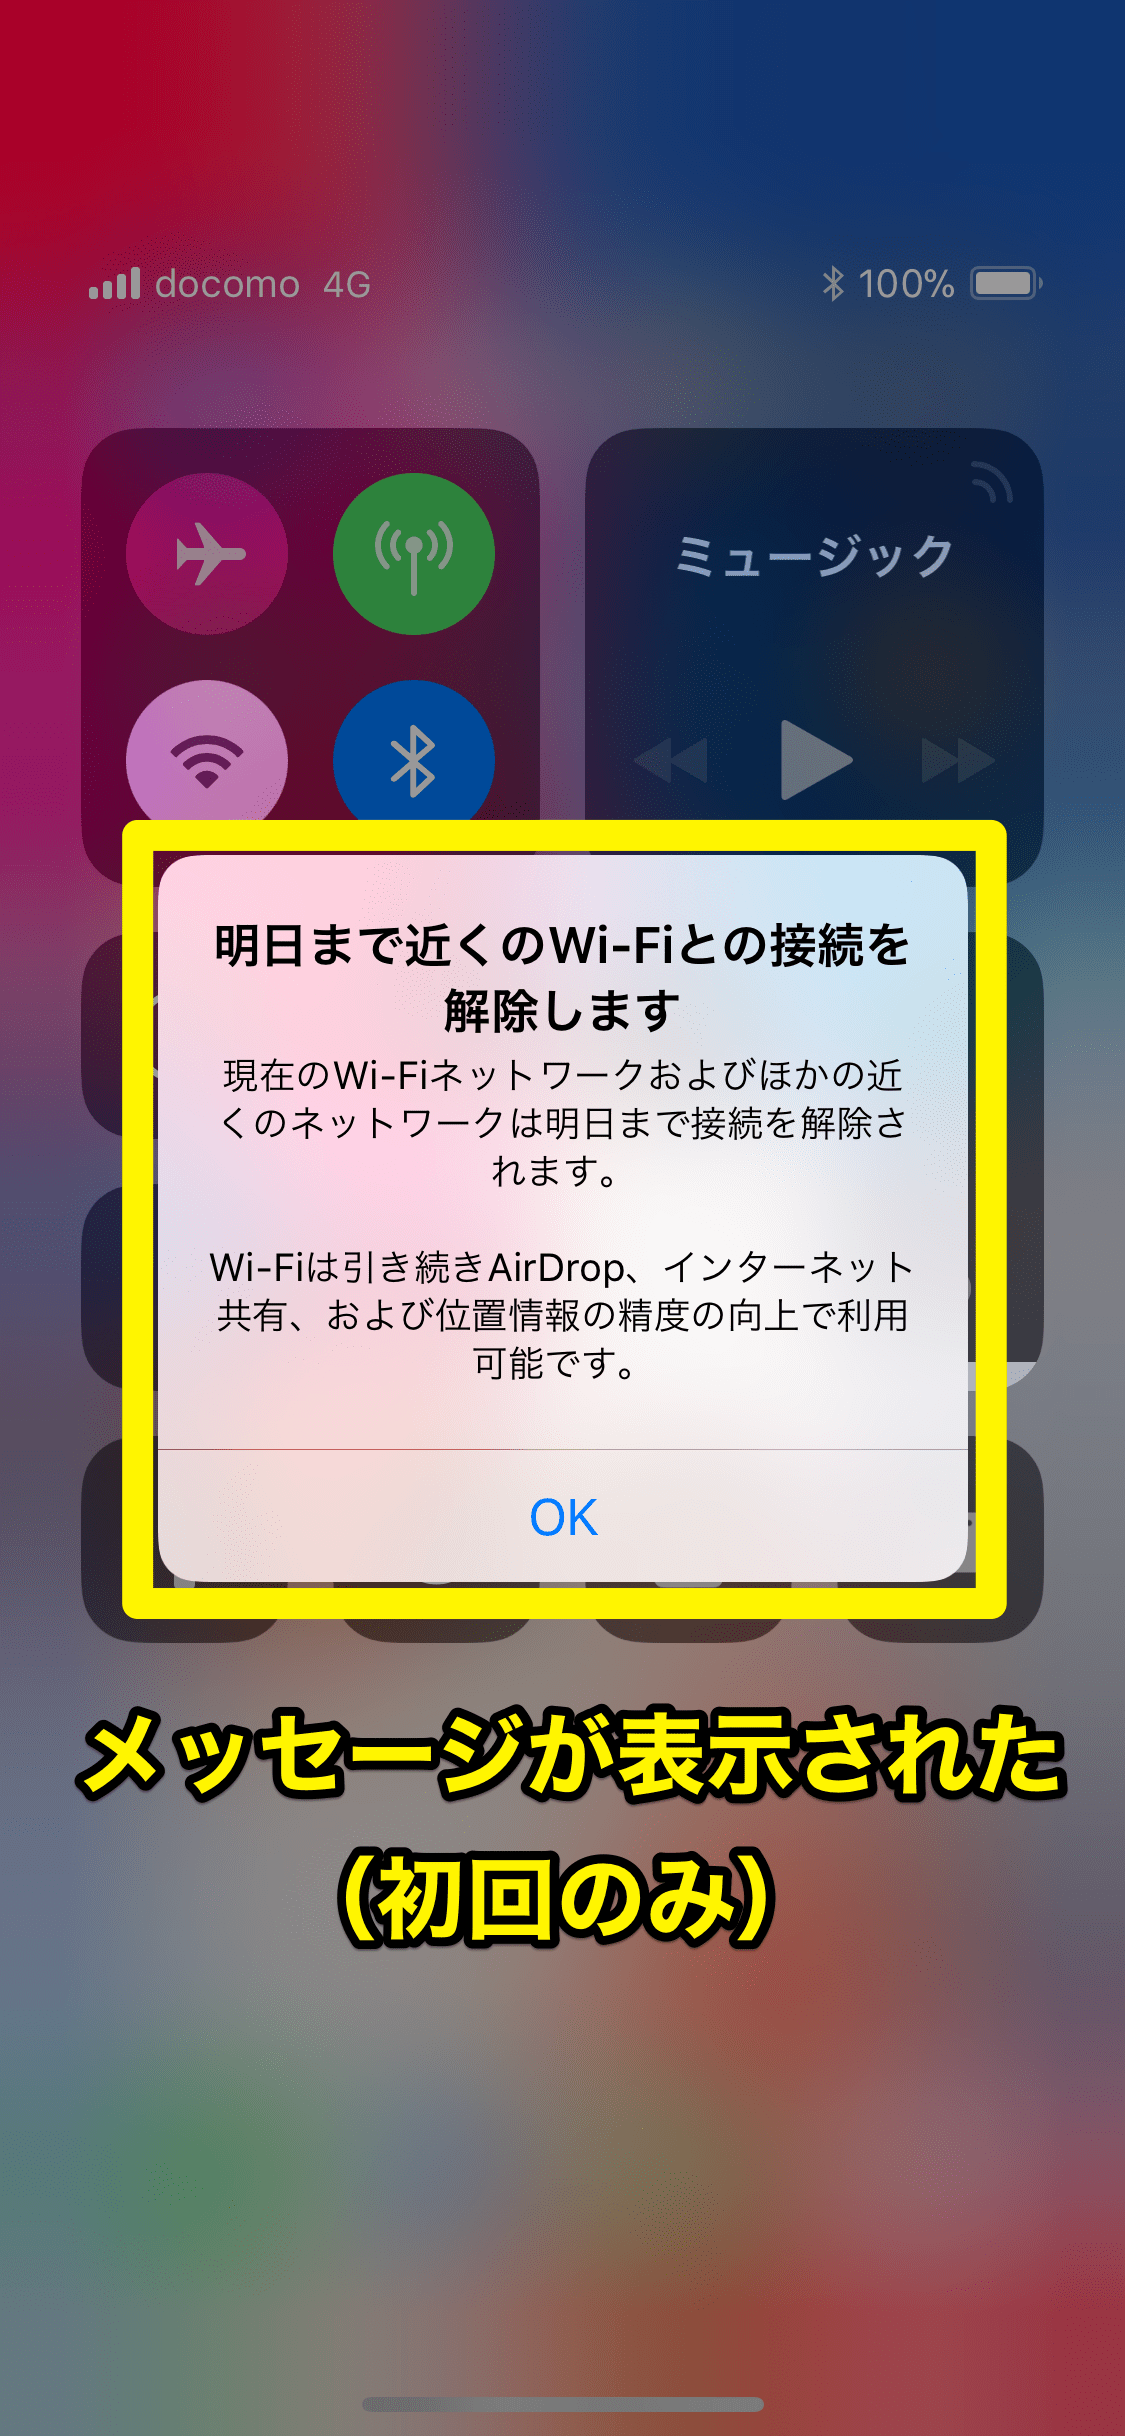 【iOS 11】知ってた? Wi-FiとBluetoothの接続状態にはオン/オフと「○○」がある